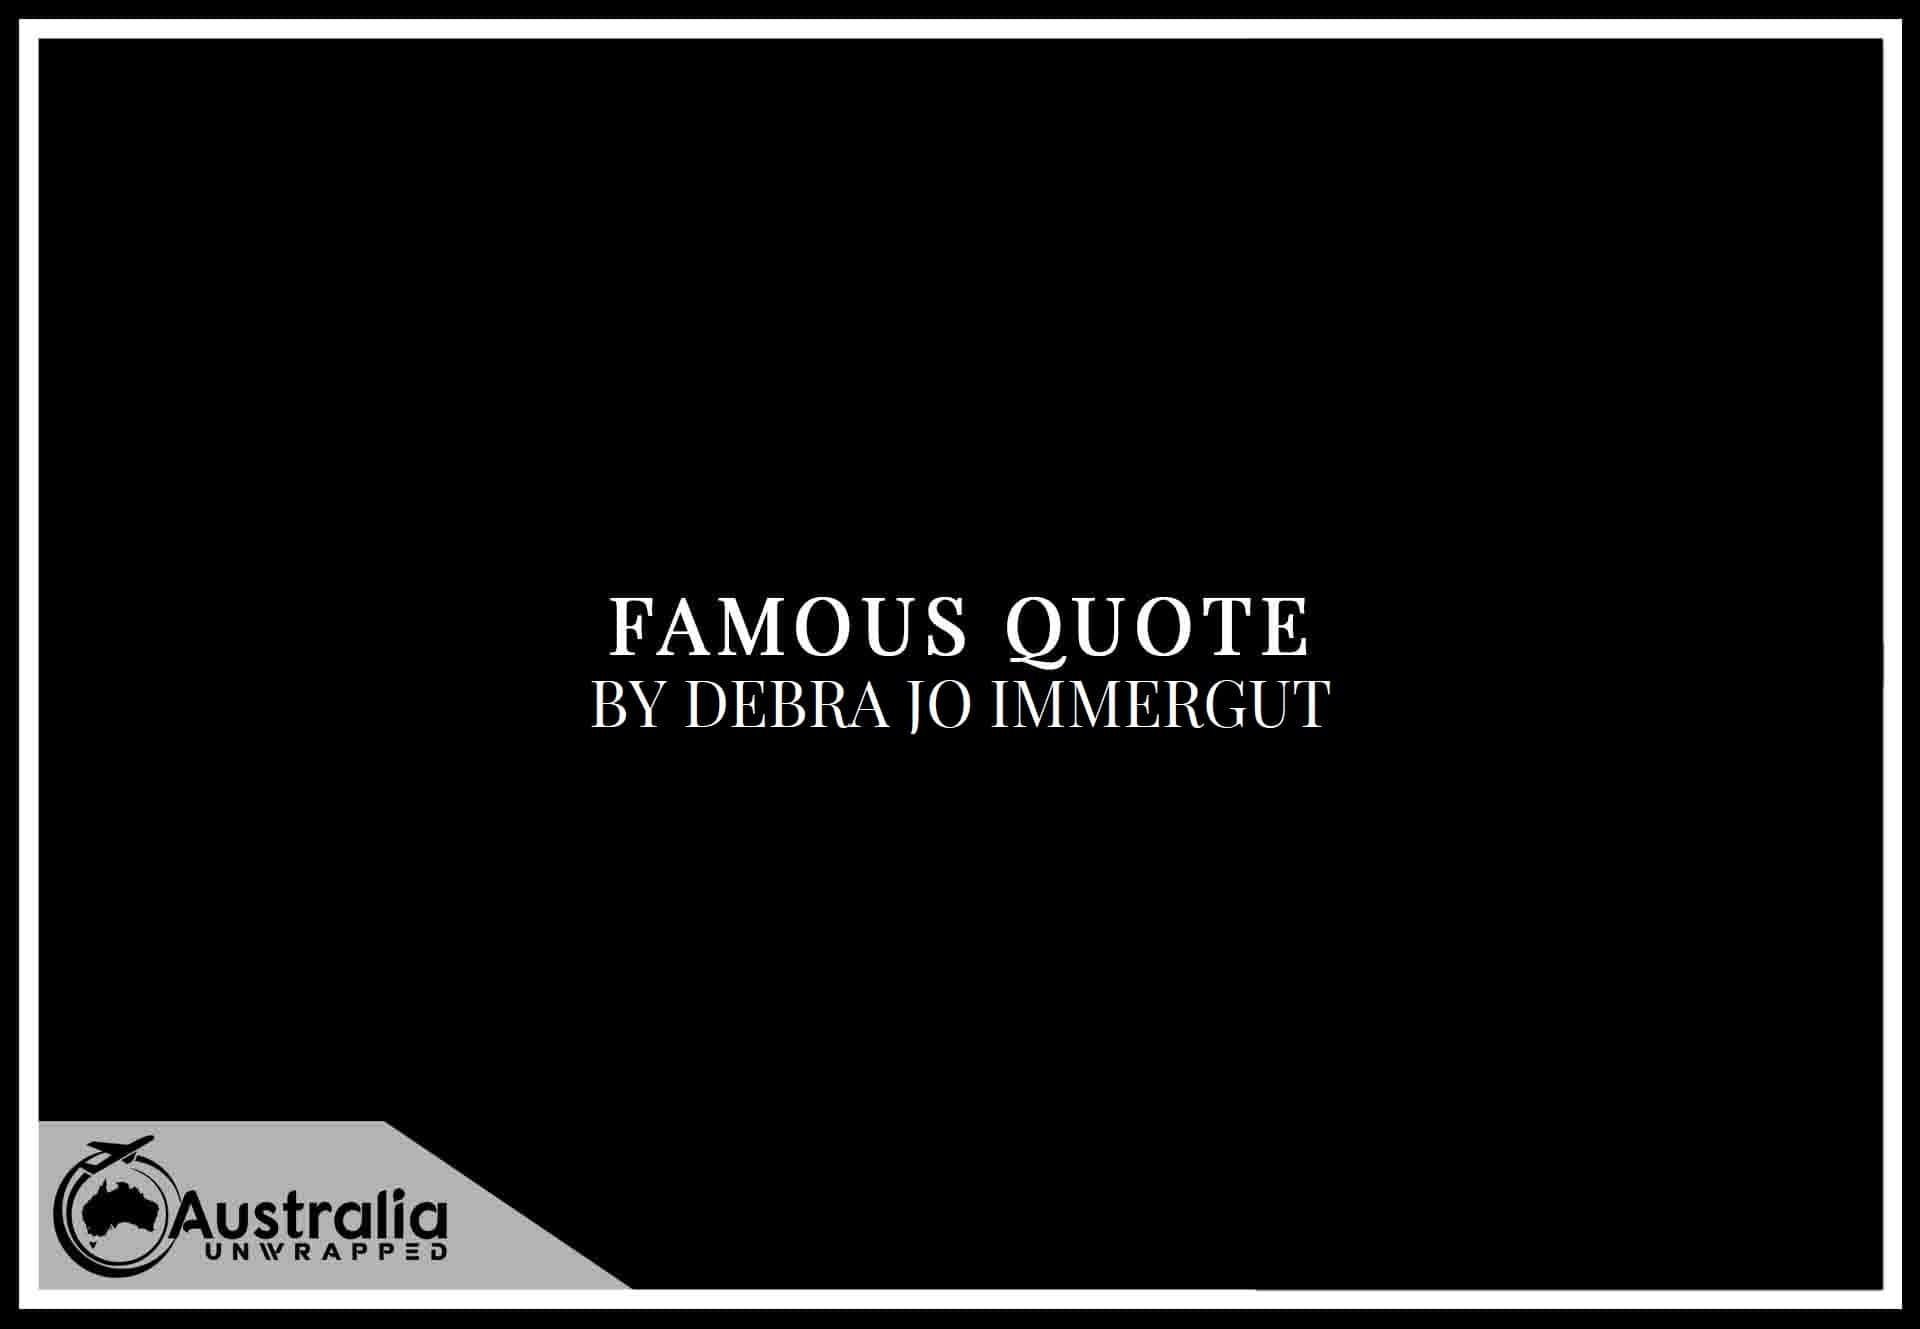 Top 1 Famous Quotes by Author Debra Jo Immergut